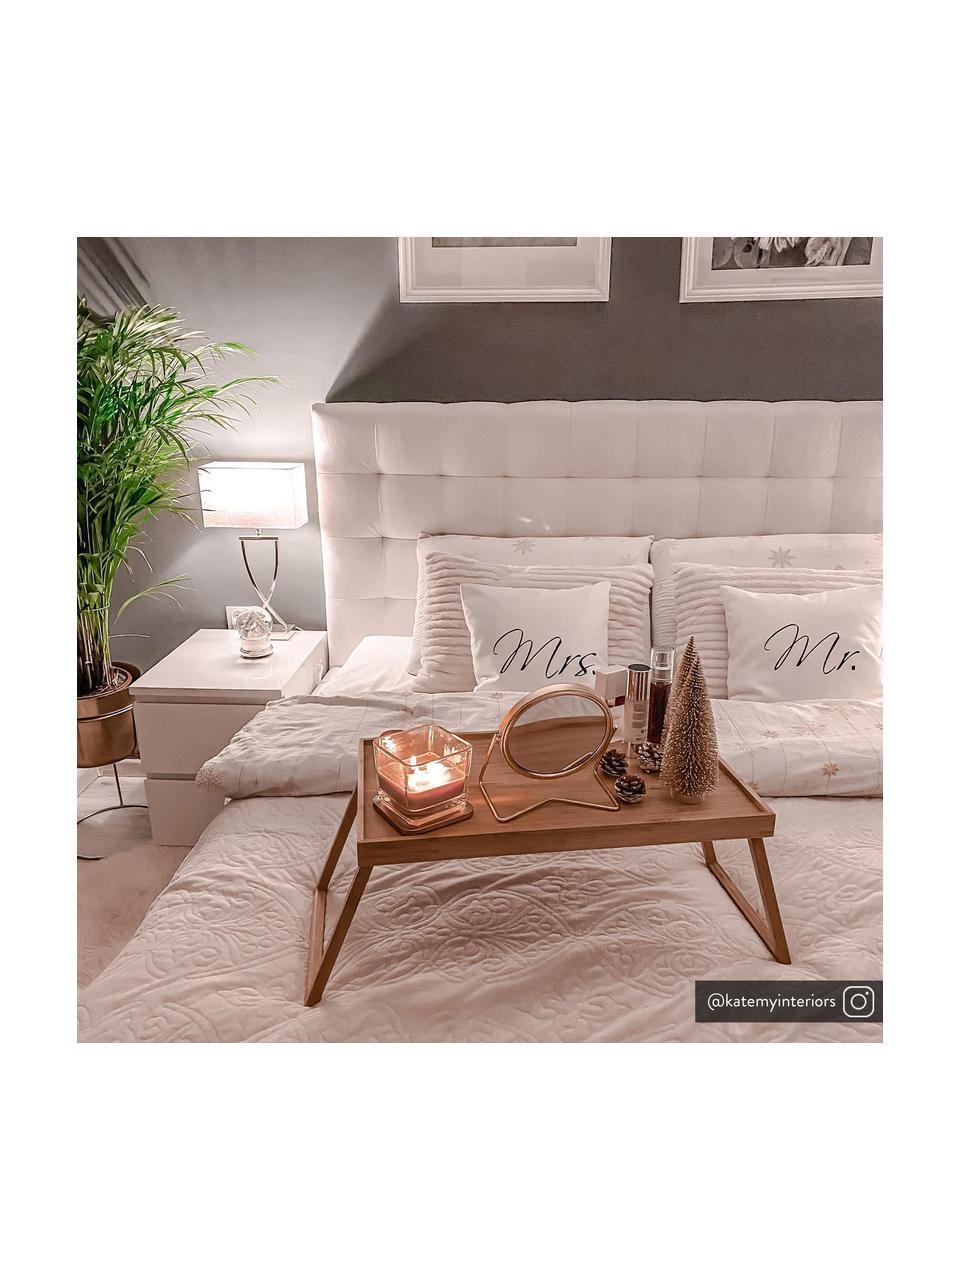 Grande lampe à poser classique argentée Vanessa, Pied de lampe: chrome, Abat-jour: blanc, Câble: blanc